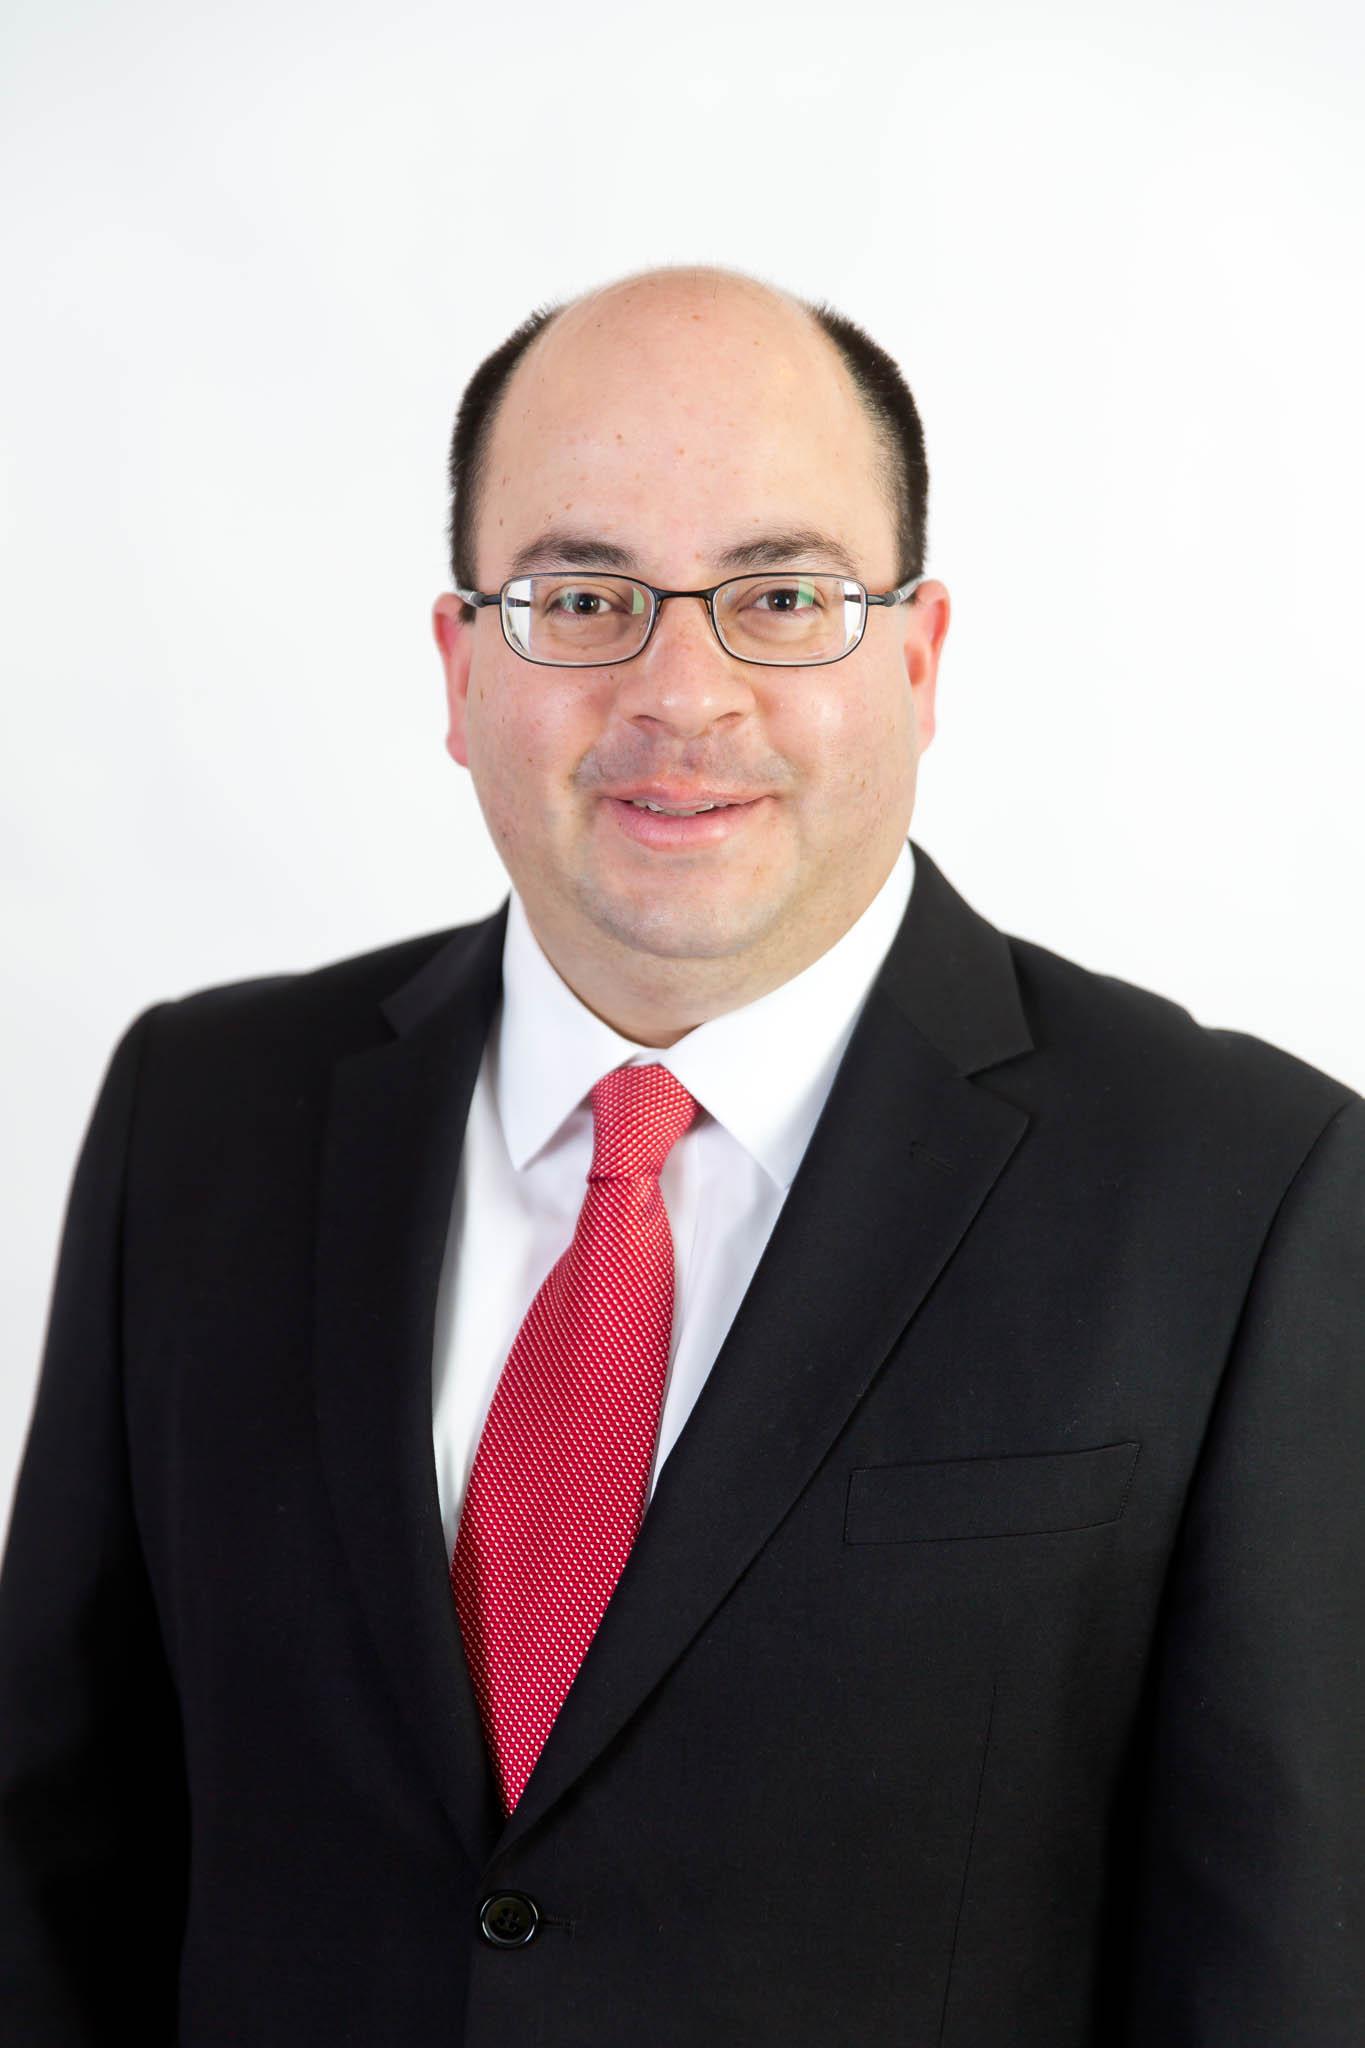 Visit Profile of Javier Vela-Becerra